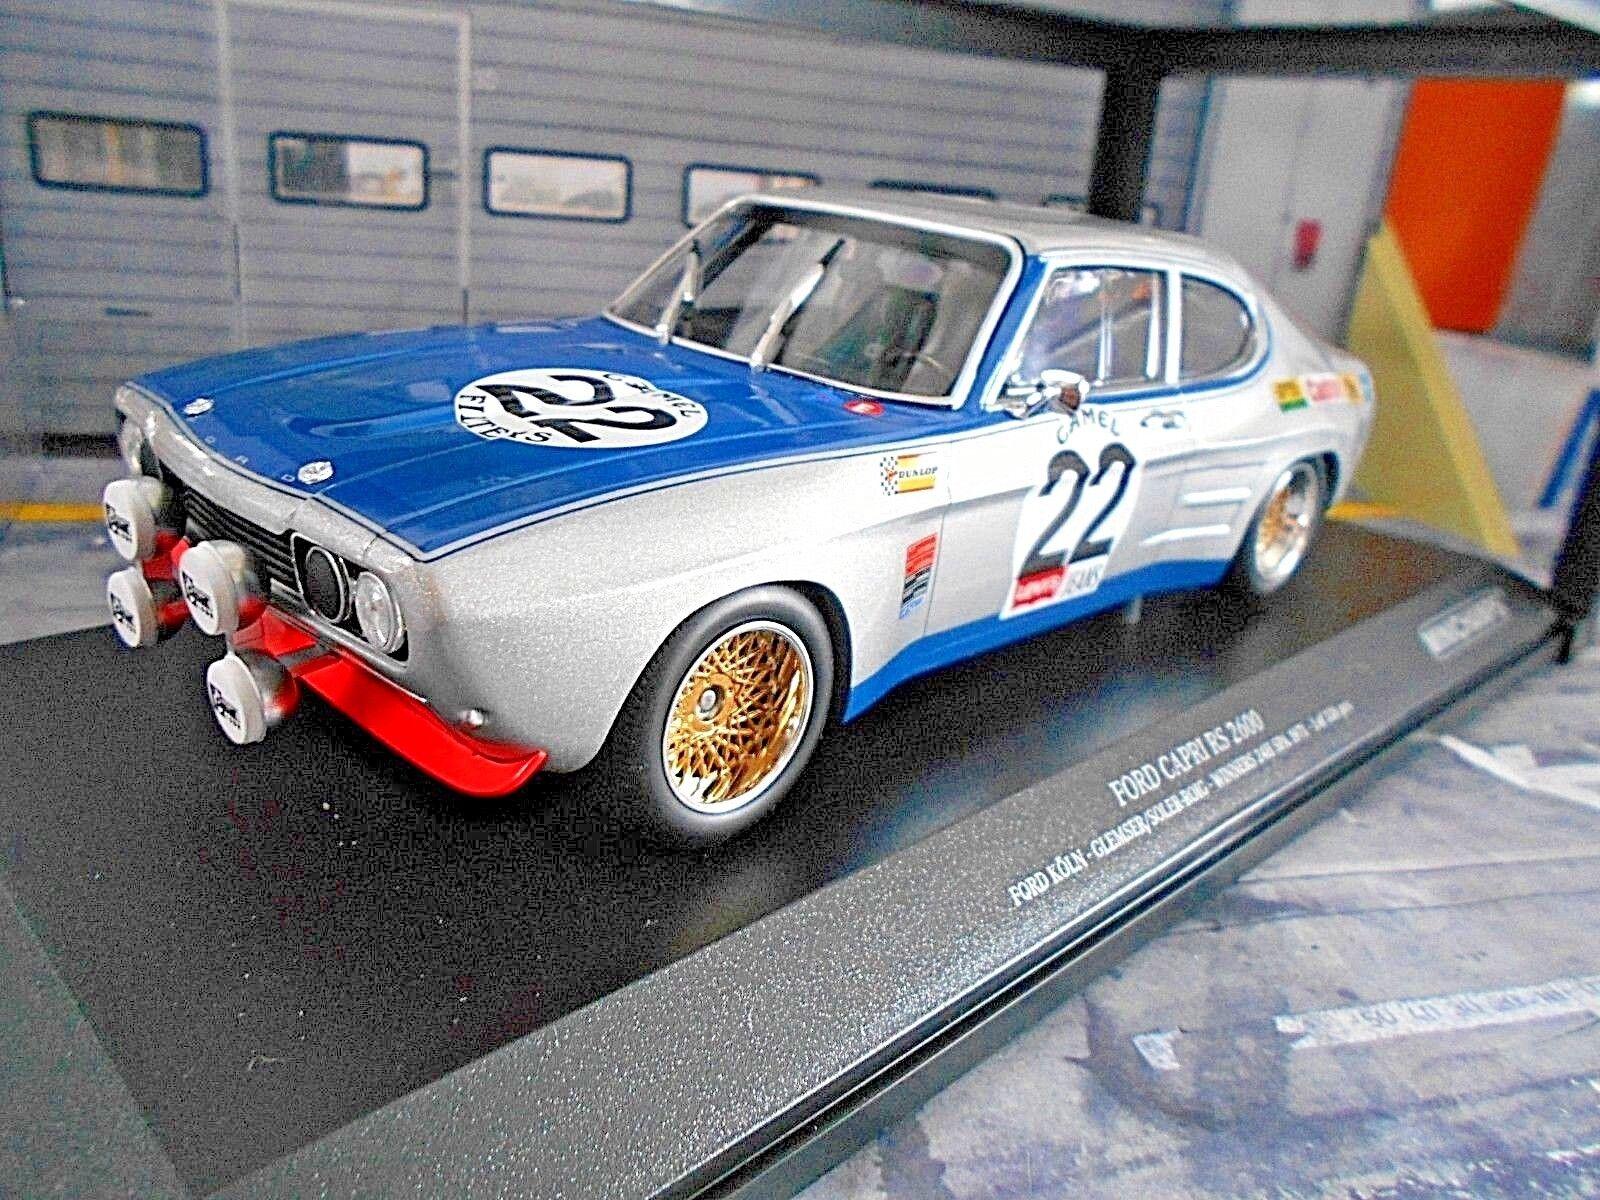 Ford Capri RS 2600 rs2600 MKI 24h spa winner 1971  22 Glemser tan Minichamps 1 18